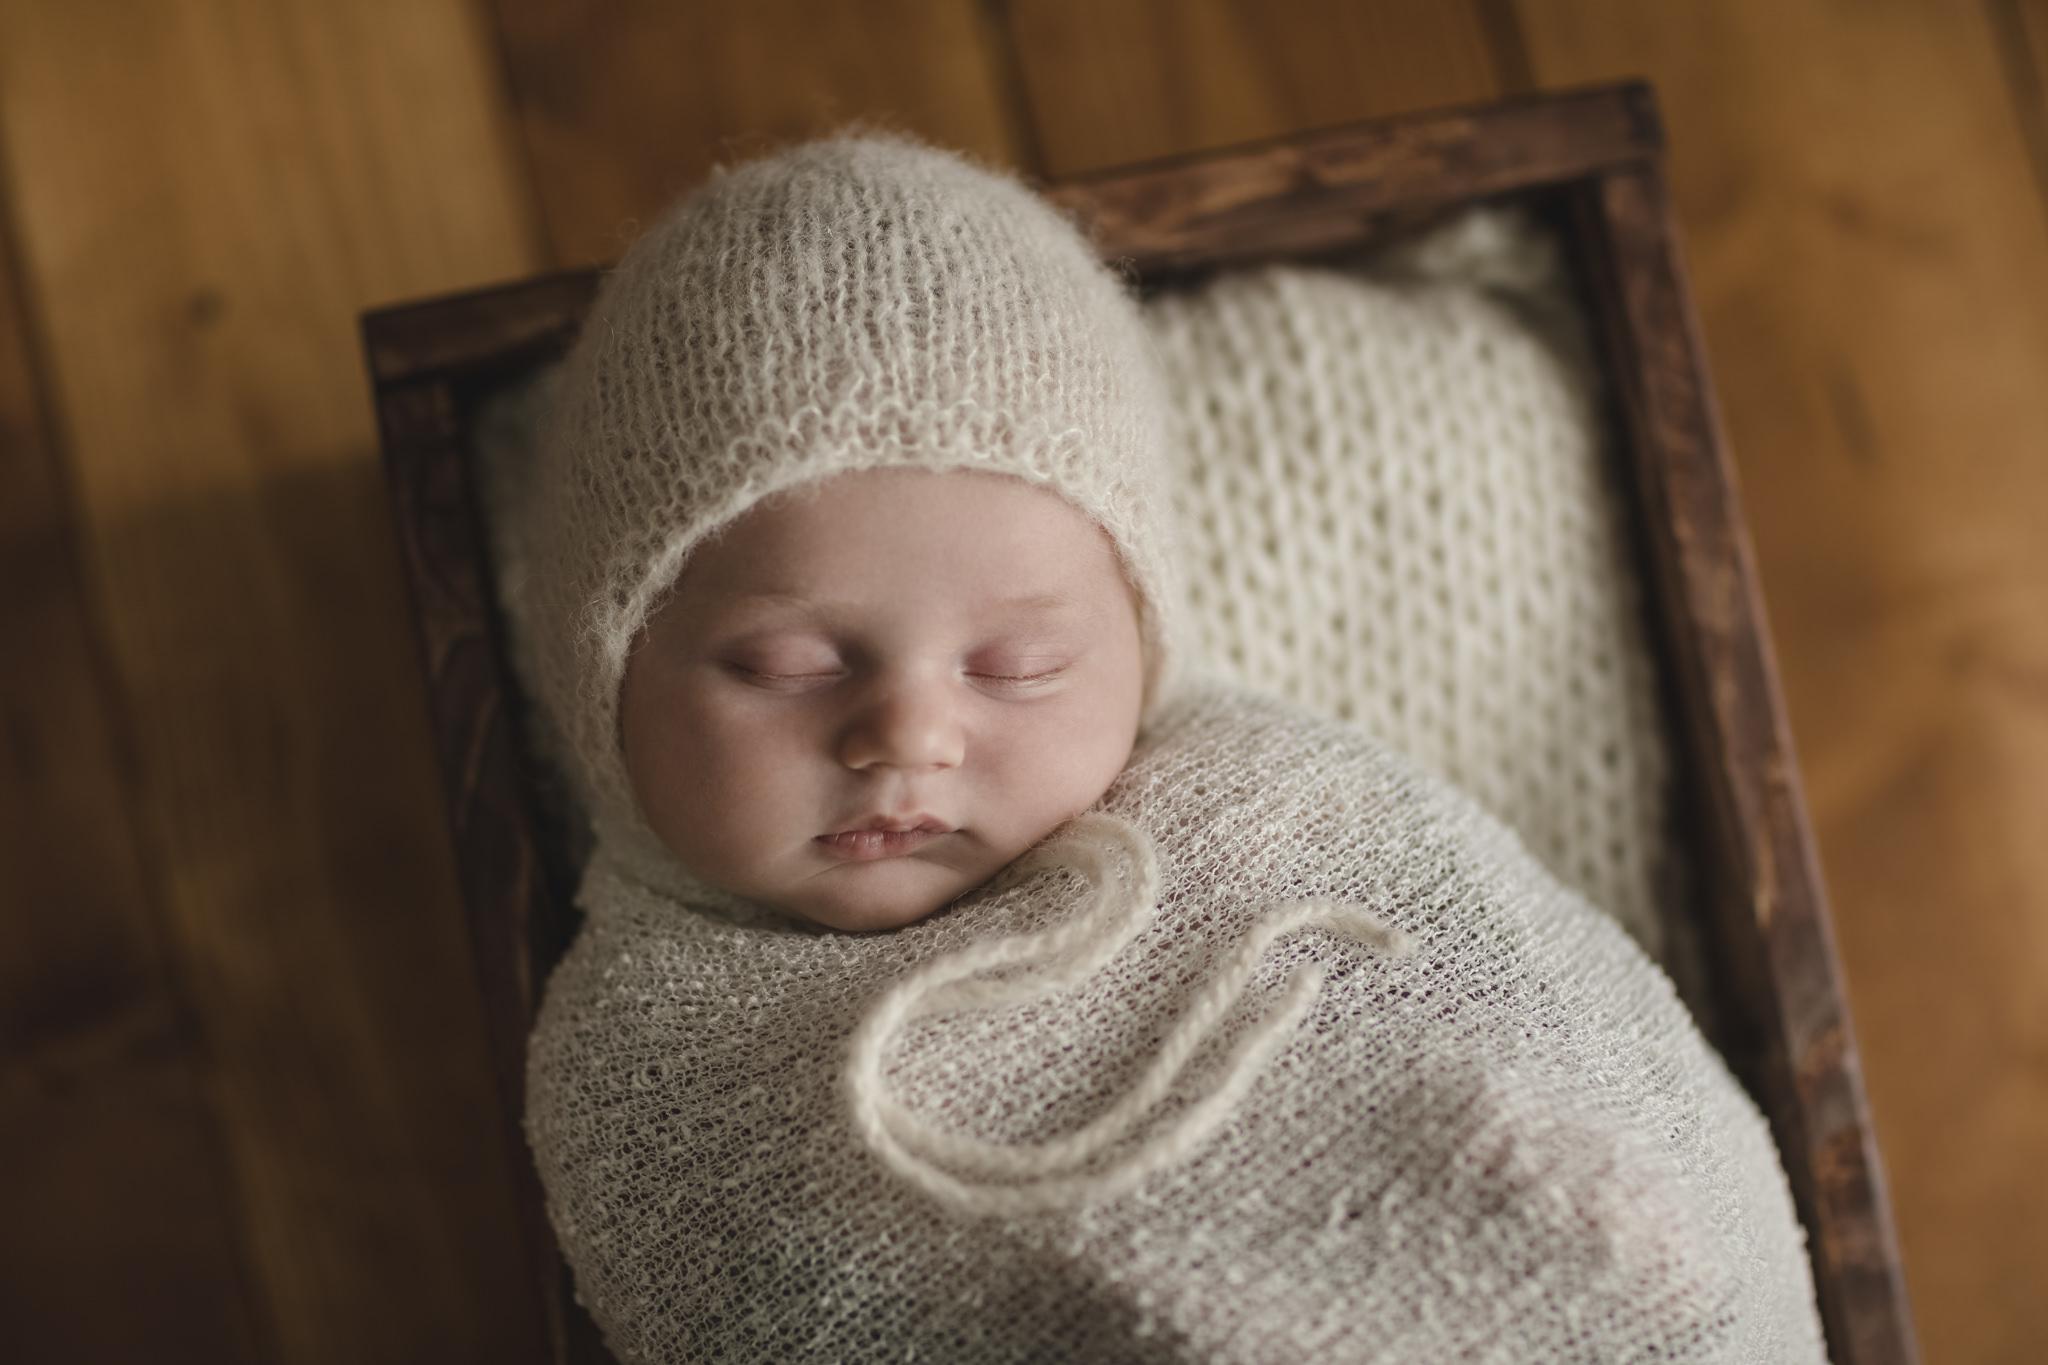 Babyfotograf Hamburg - Baby liegt beim Newbornfotoworkshop eingewickelt in einem Körbchen